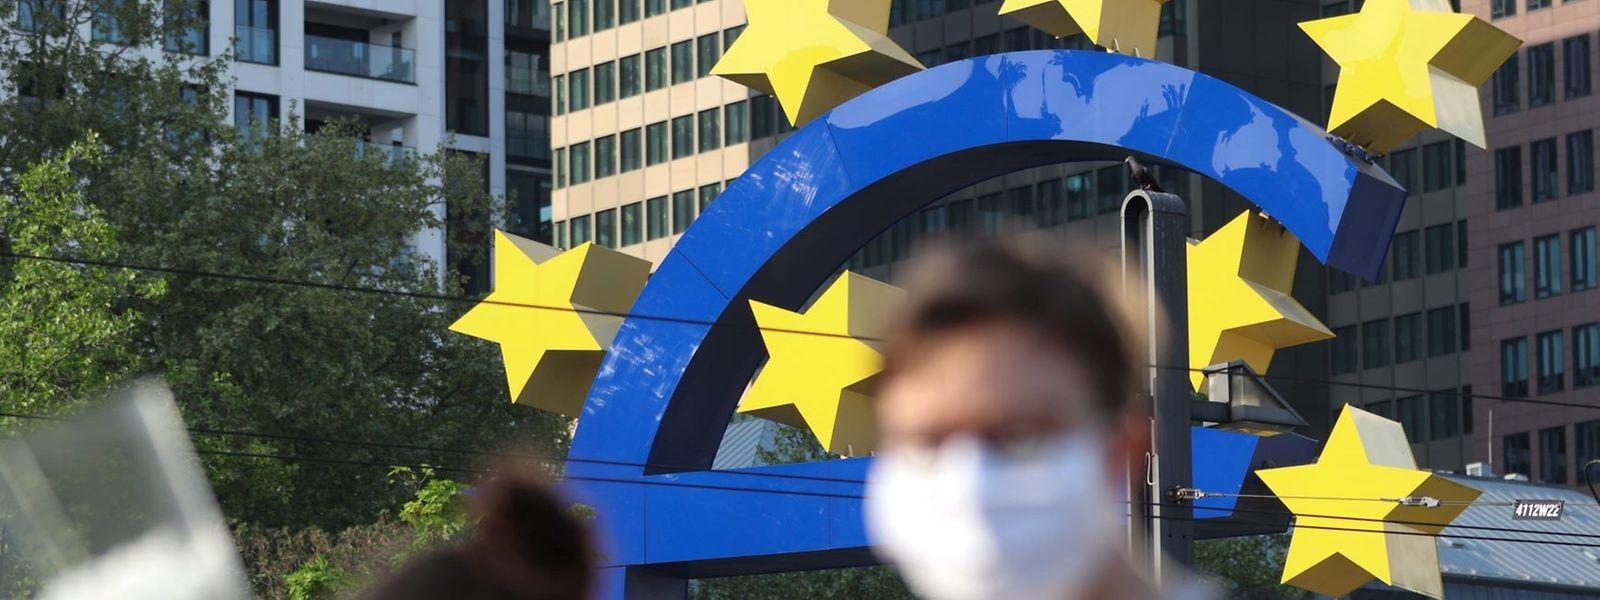 Im Mai und Juni geht es bergauf mit der Wirtschaft der Eurozone. Das vermuten zumindest die Ökonomen der EZB.